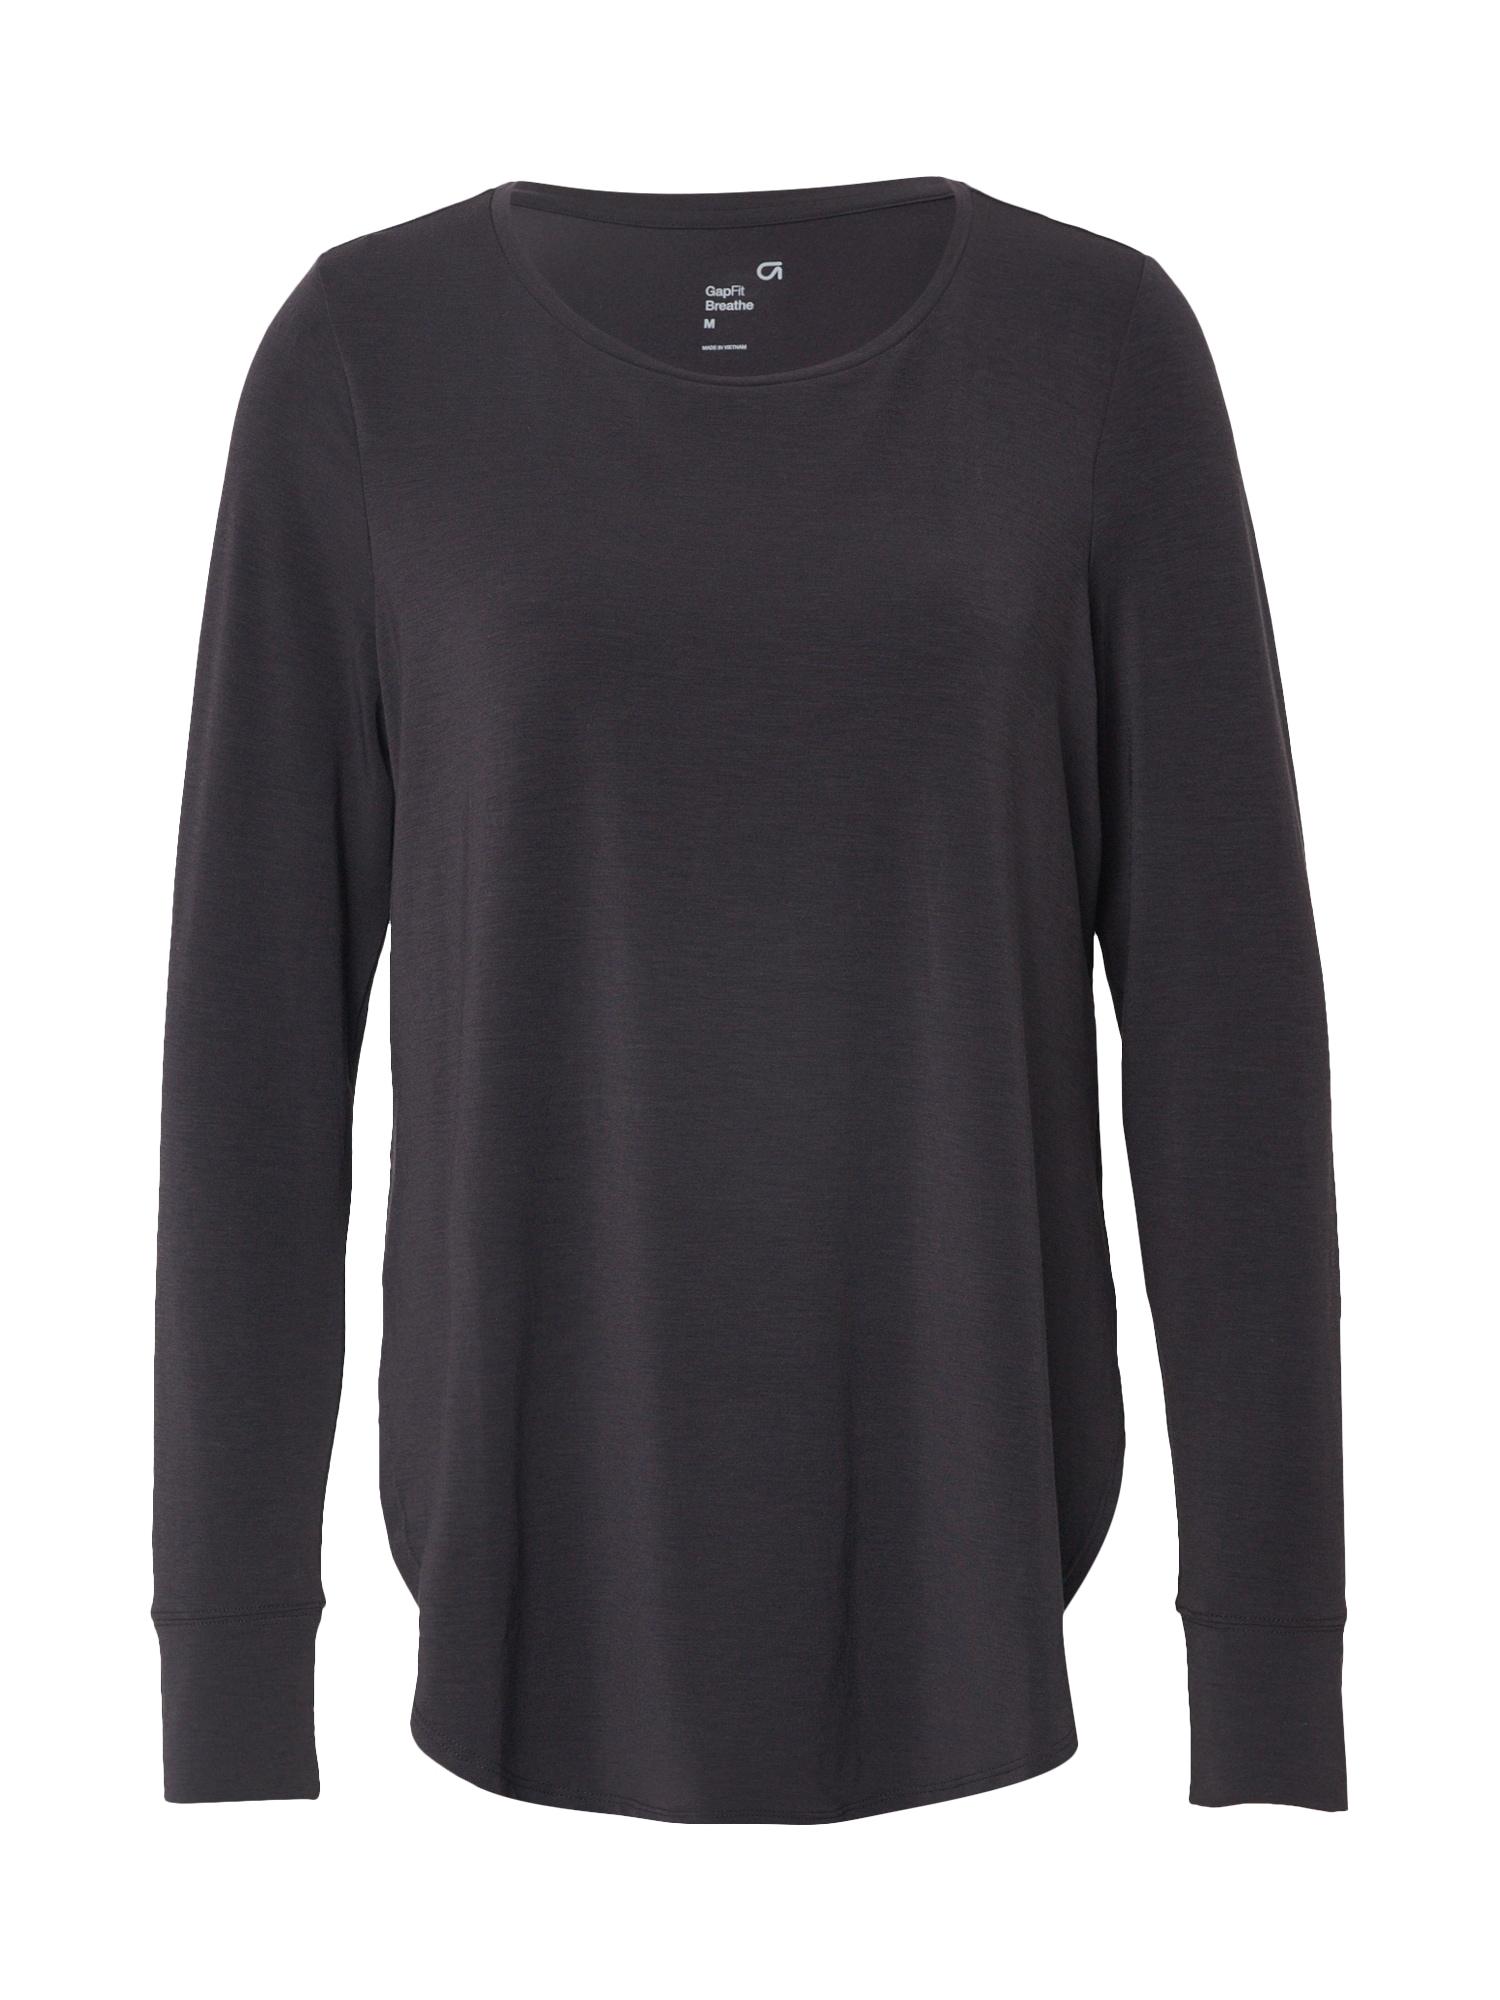 GAP Marškinėliai 'LS BREATHE' juoda